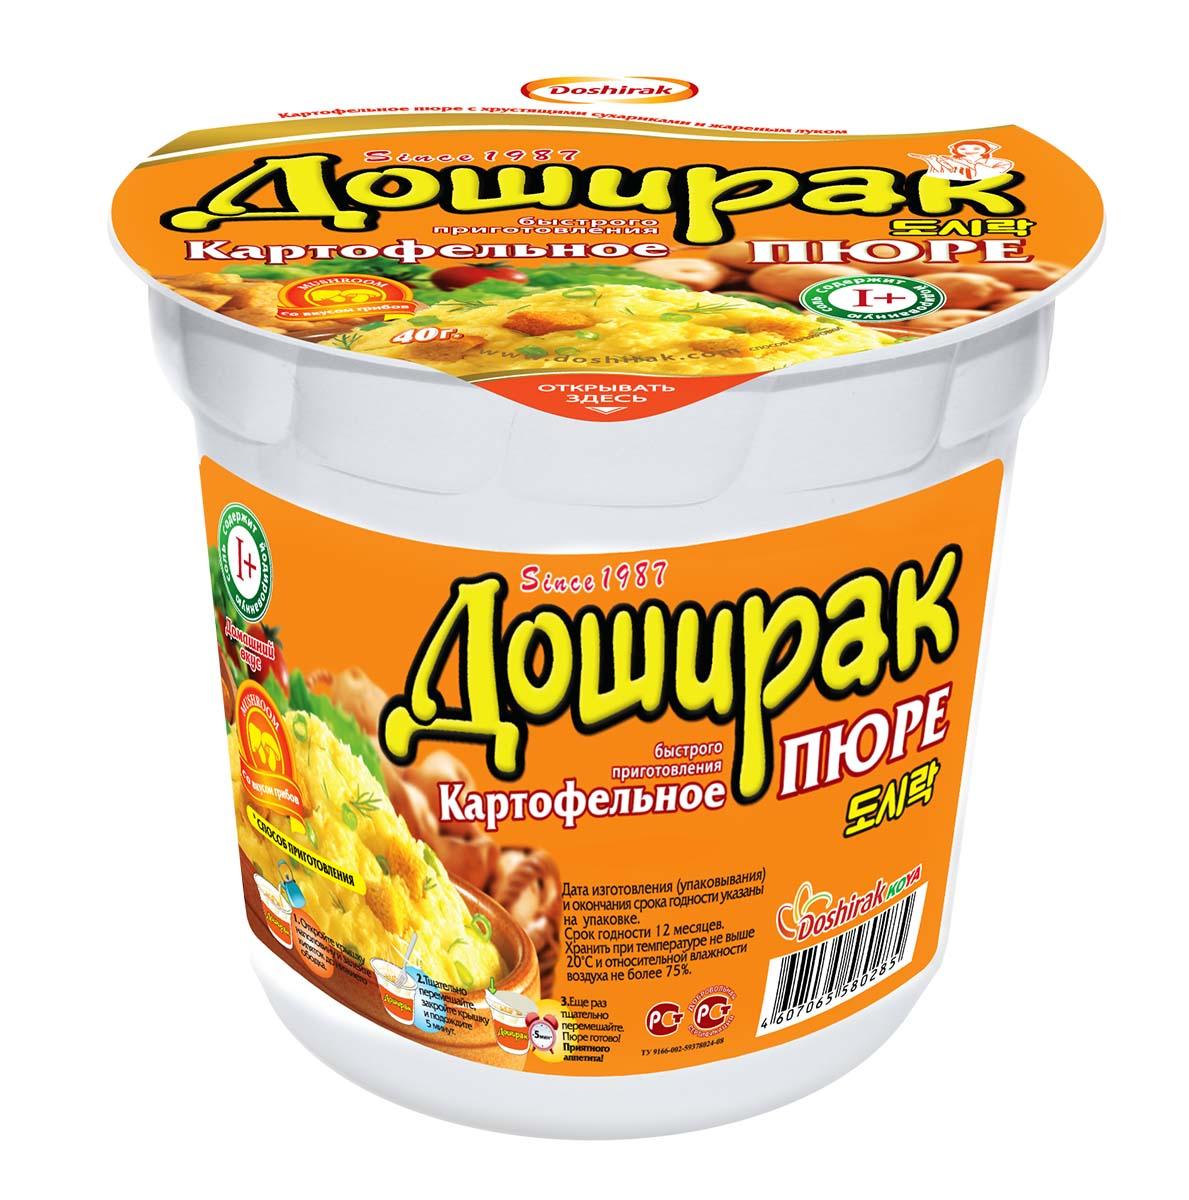 Doshirak пюре картофельное быстрого приготовления со вкусом грибов в стакане, 40 г4607065580285картофельное Пюре быстрого приготовления, залить кипятком